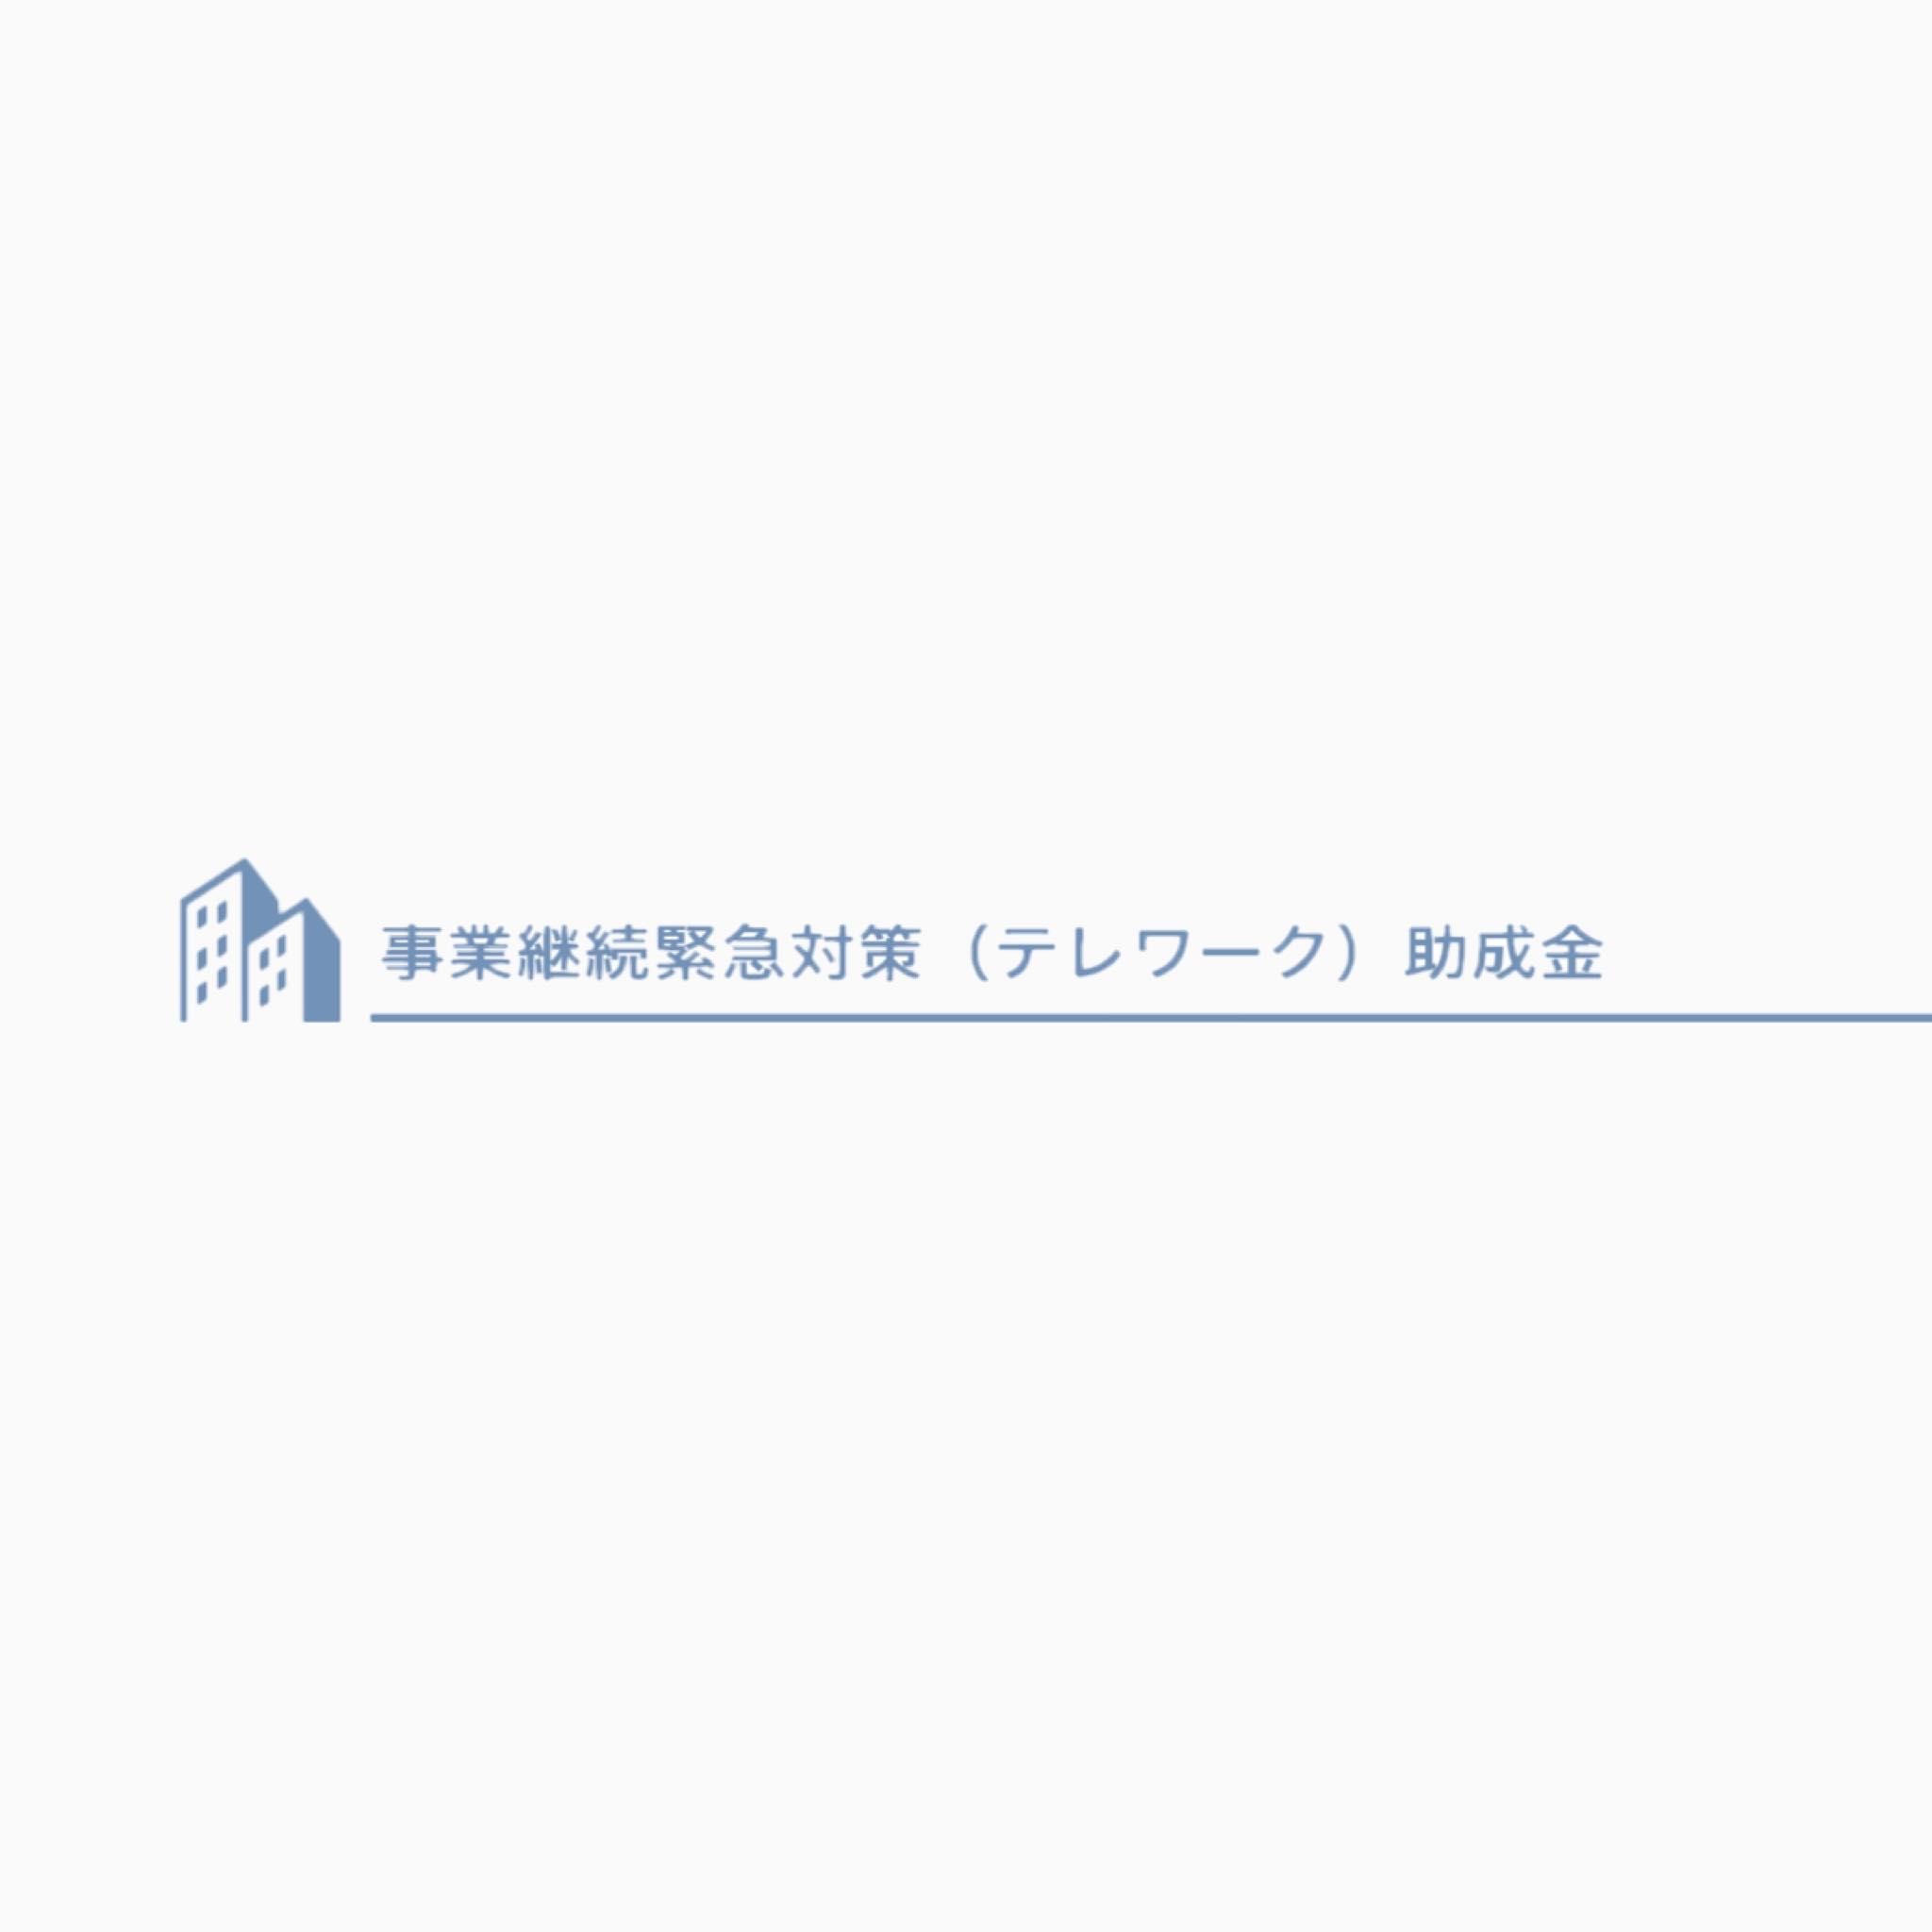 【東京都】事業継続緊急対策(テレワーク)助成金がの申請期間が 7月31日まで延長されました!